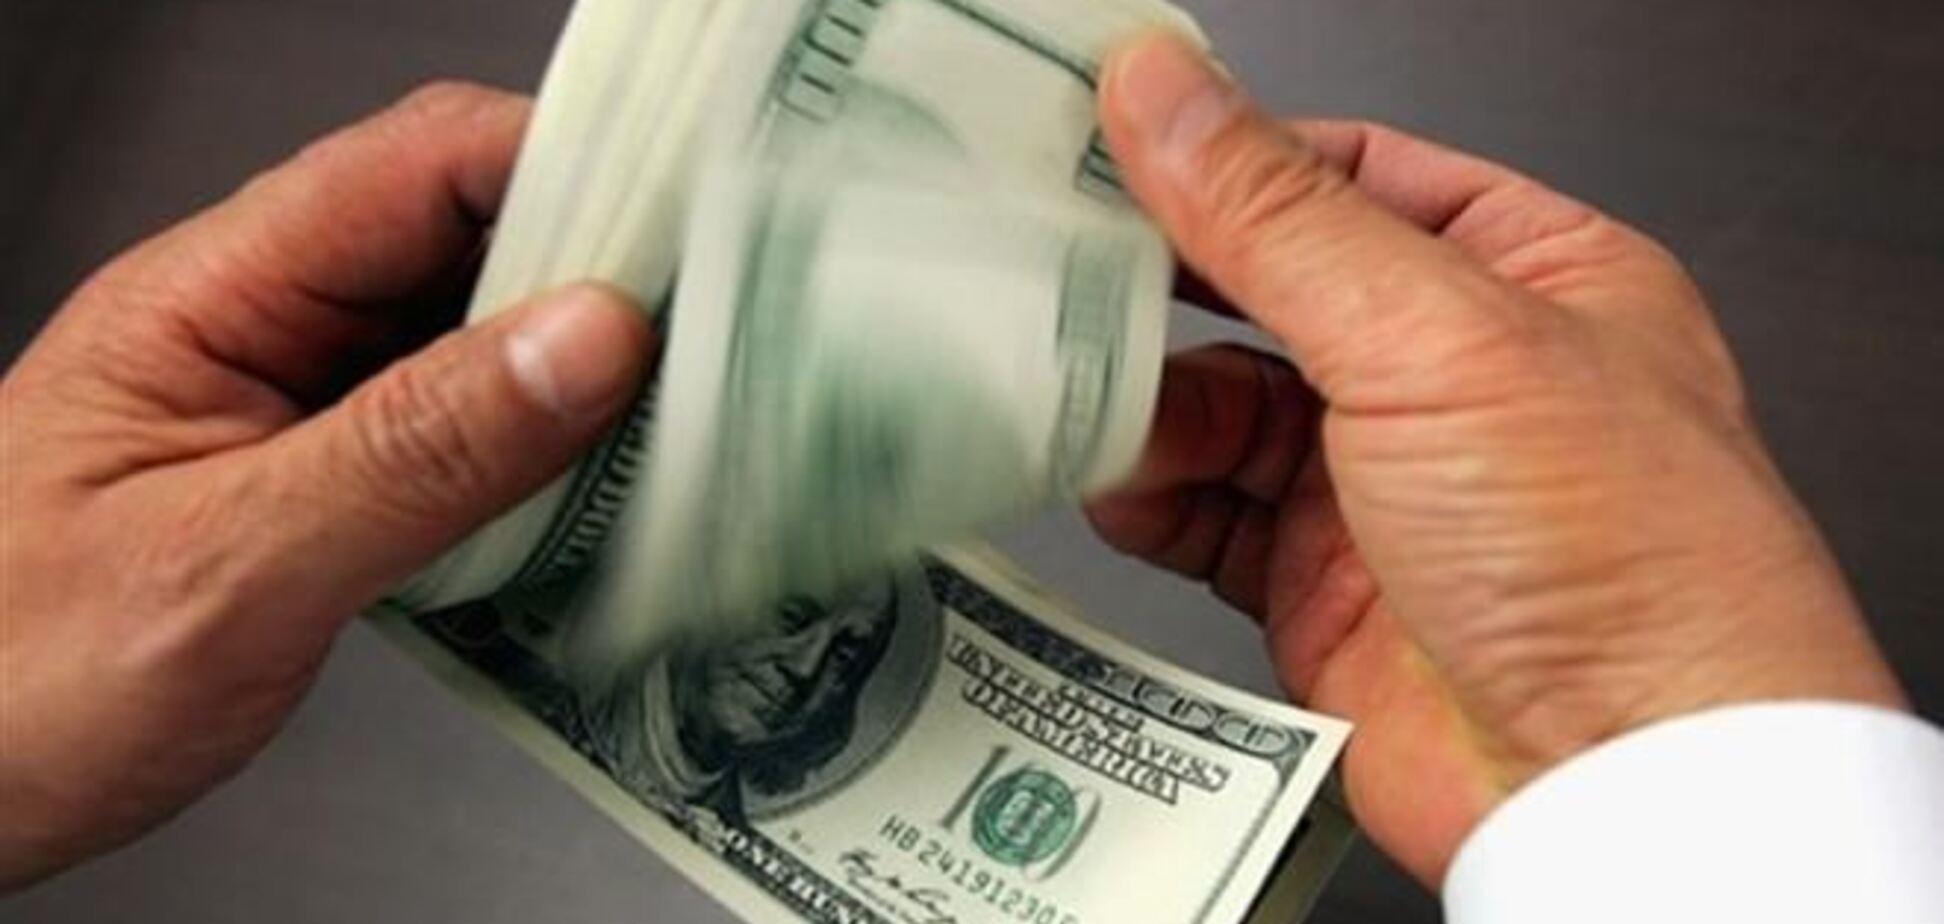 Гривня укрепляется: официальный курс доллара 9,69